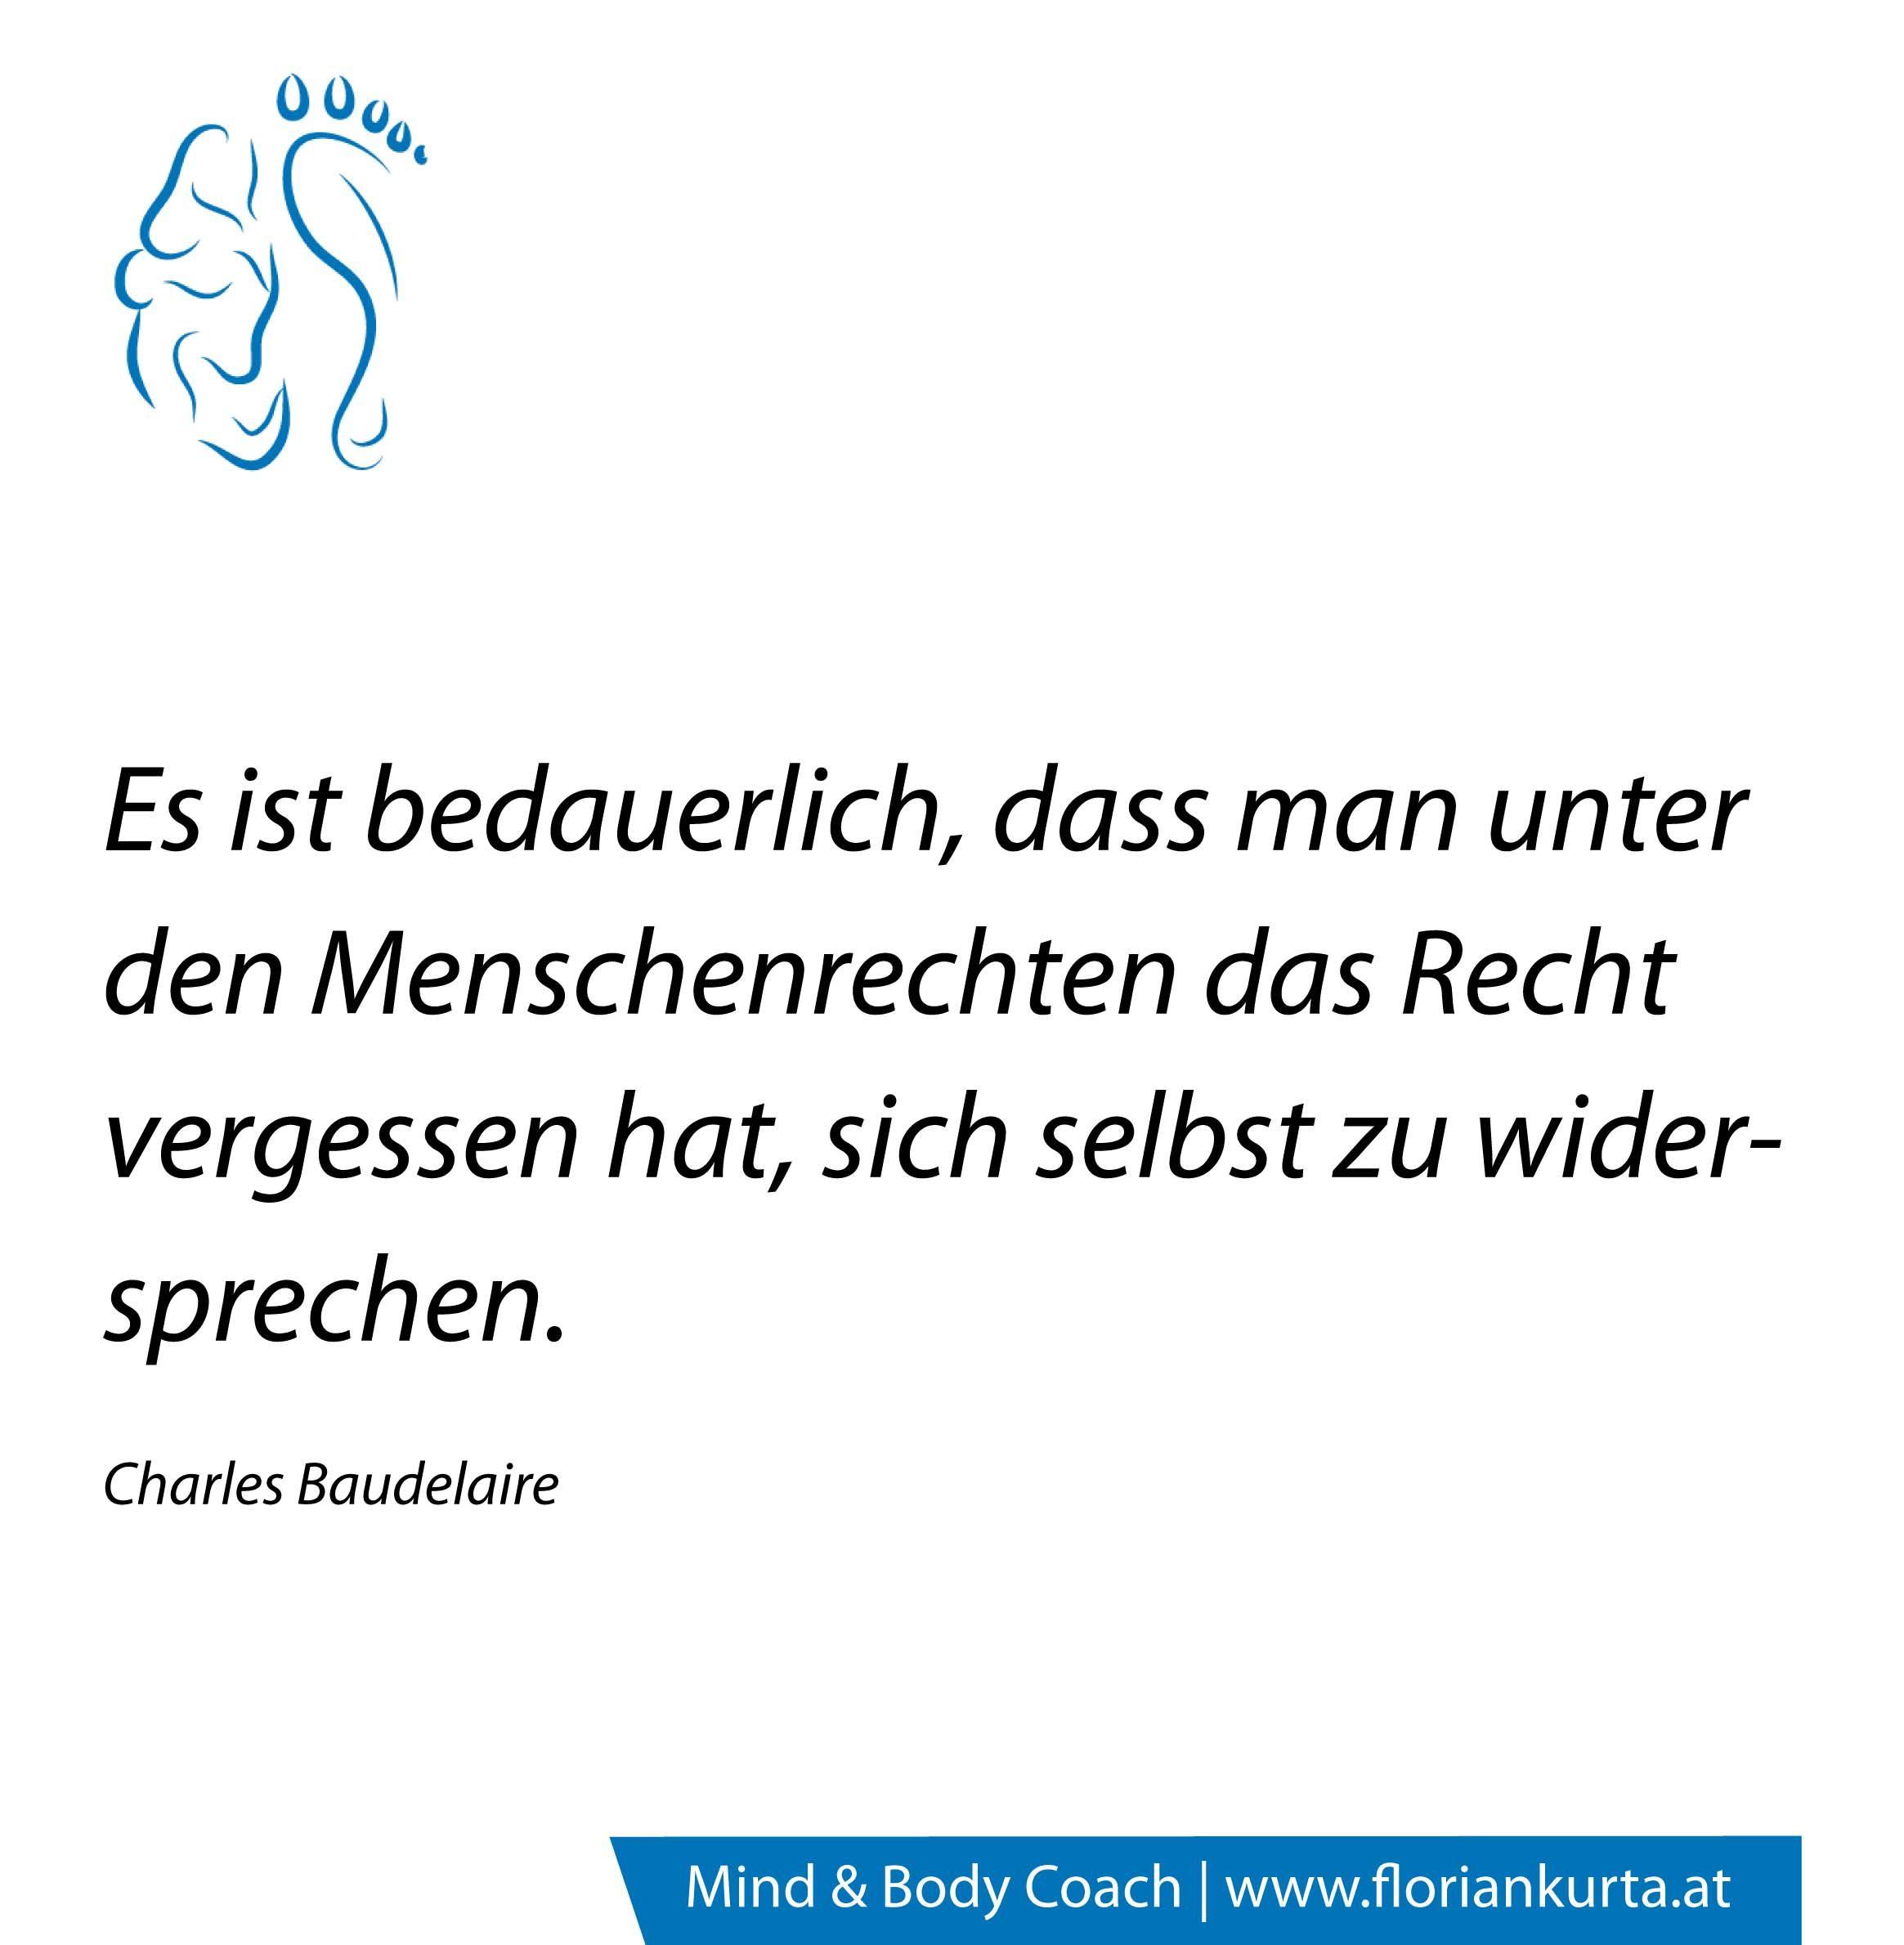 Es ist bedauerlich, dass man unter den Menschenrechten das Recht vergessen hat, sich selbst zu widersprechen.   (Charles Baudelaire) www.floriankurta.at